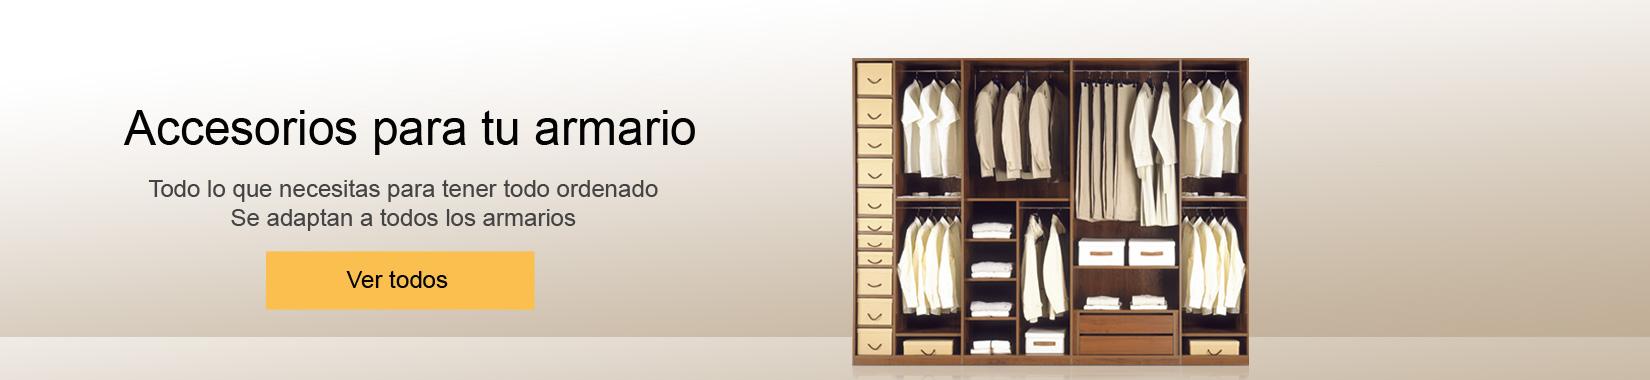 Saiton armarios accesorios para armarios envio gratis - Accesorios para armarios ...